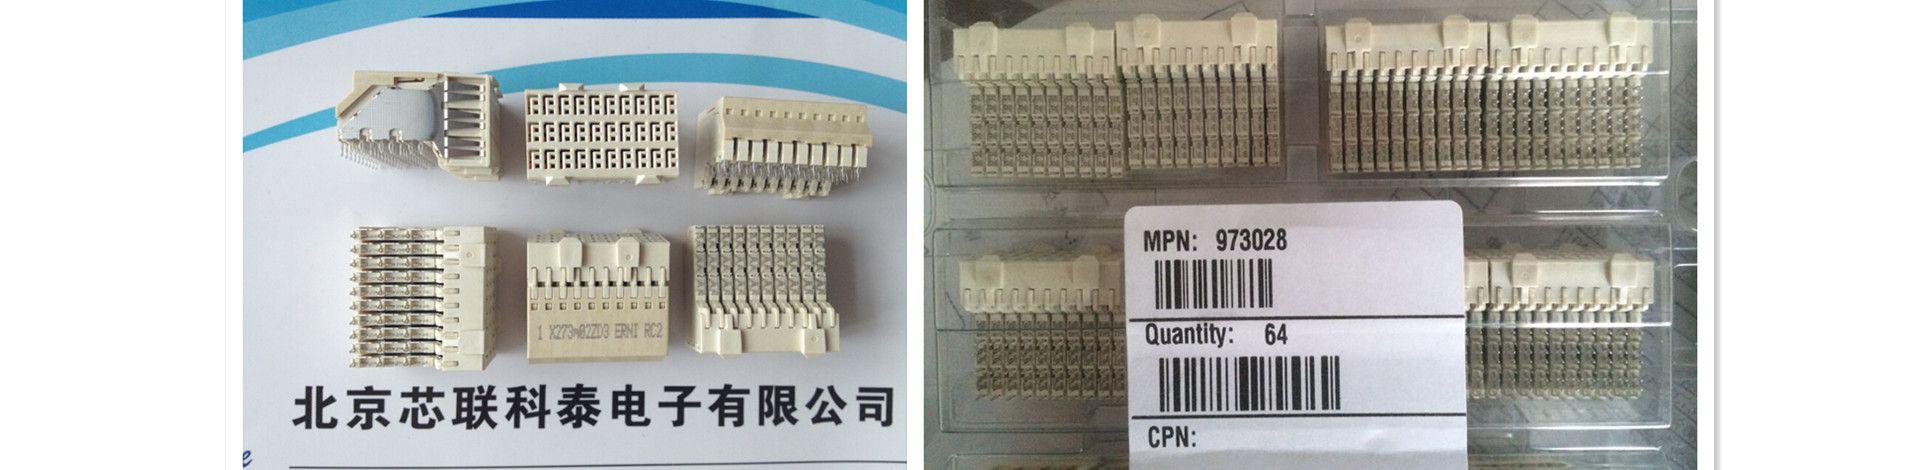 北京盛思瑞特传感技术有限公司